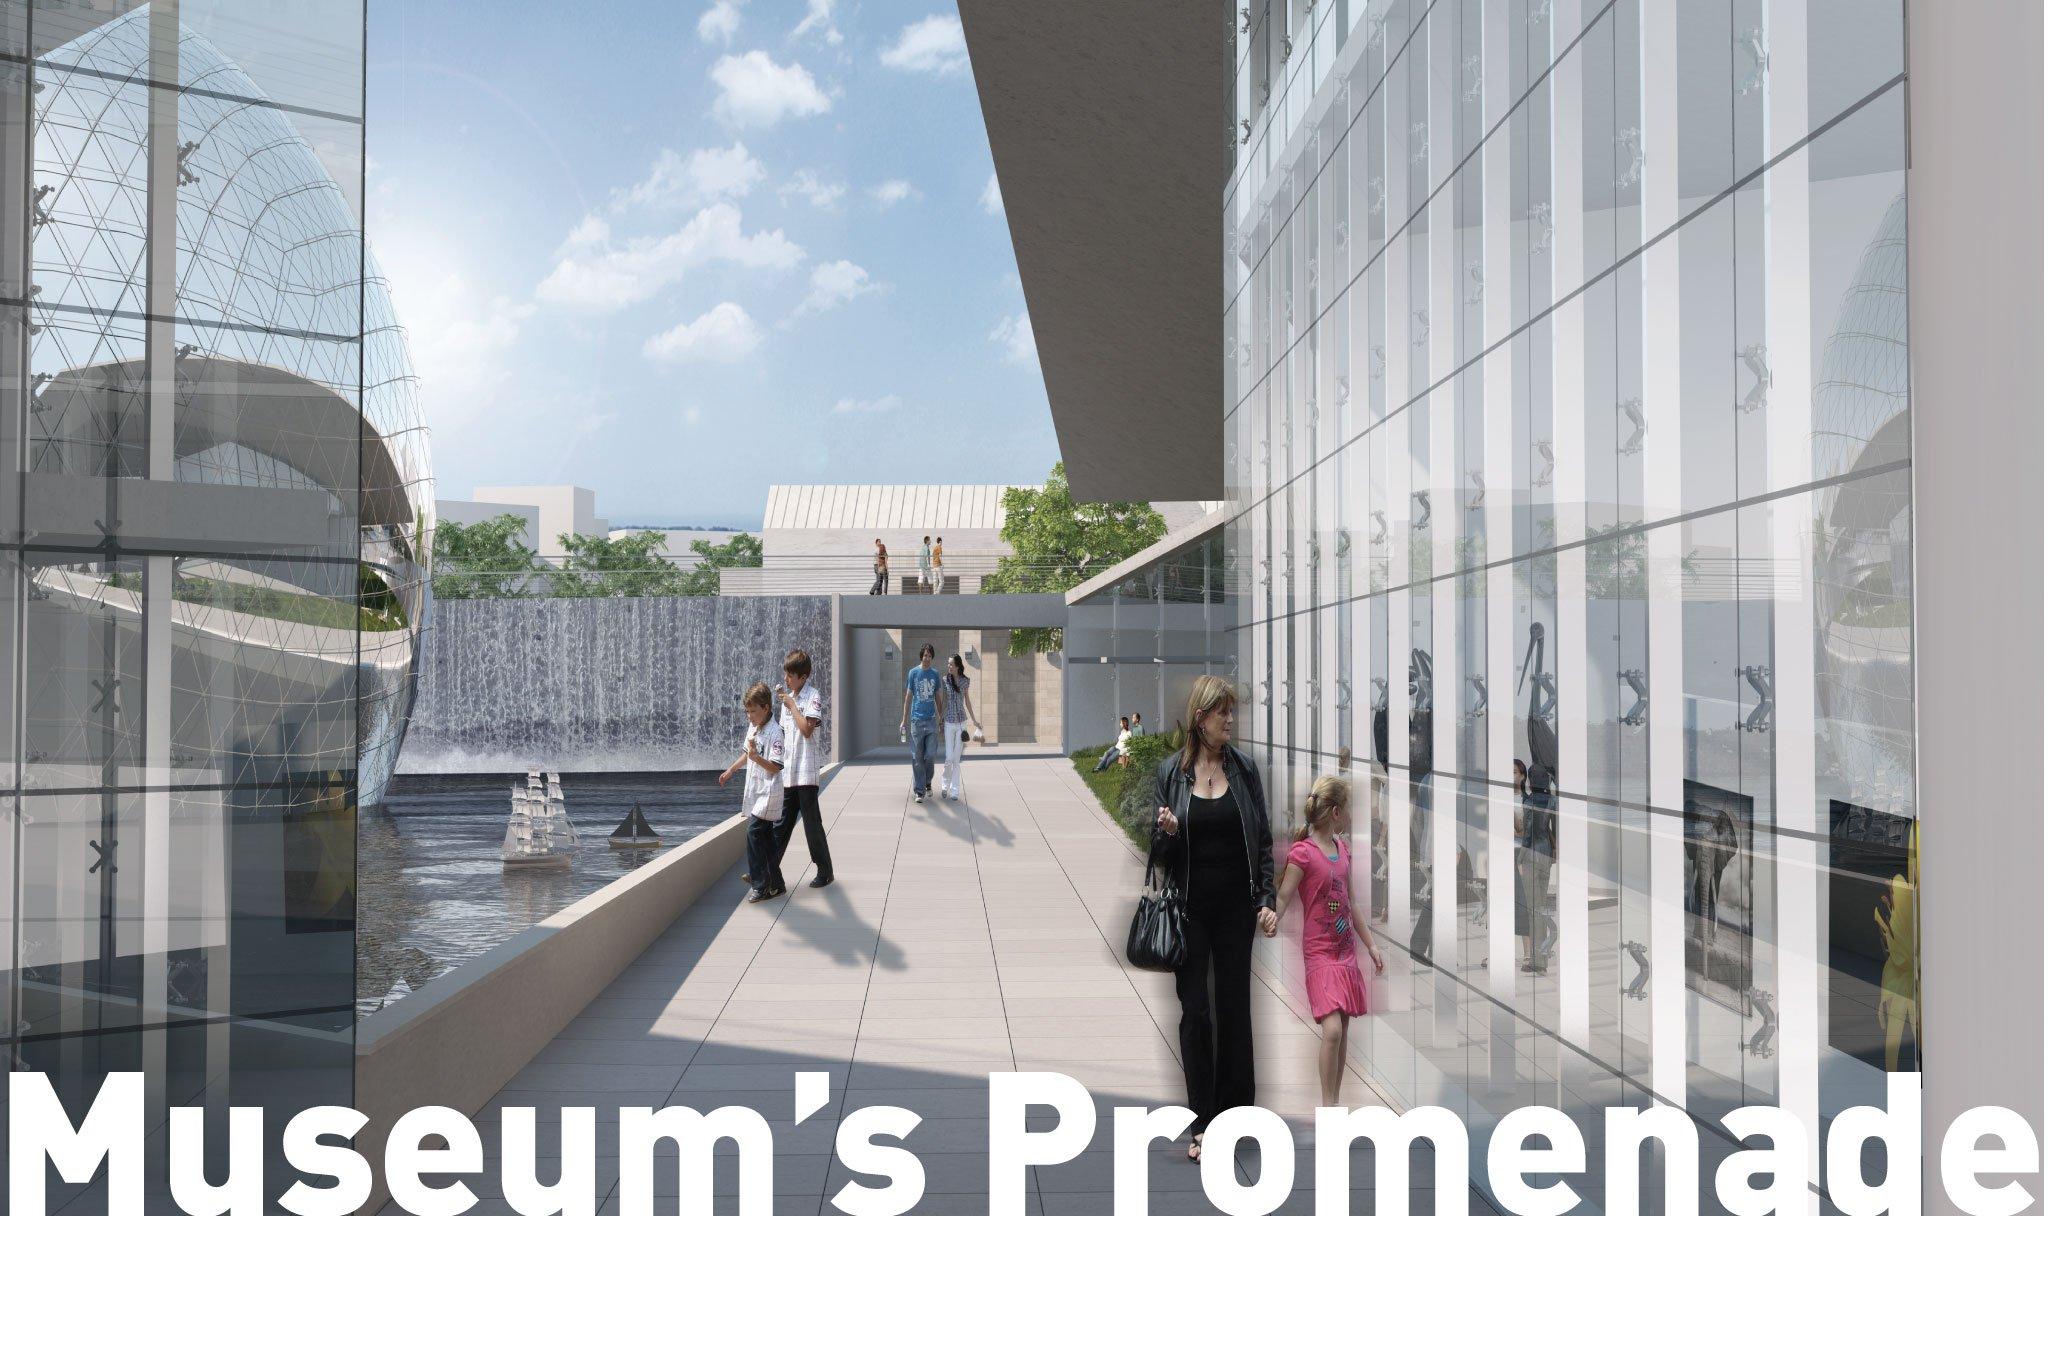 מבט אל טיילת המוזיאונים